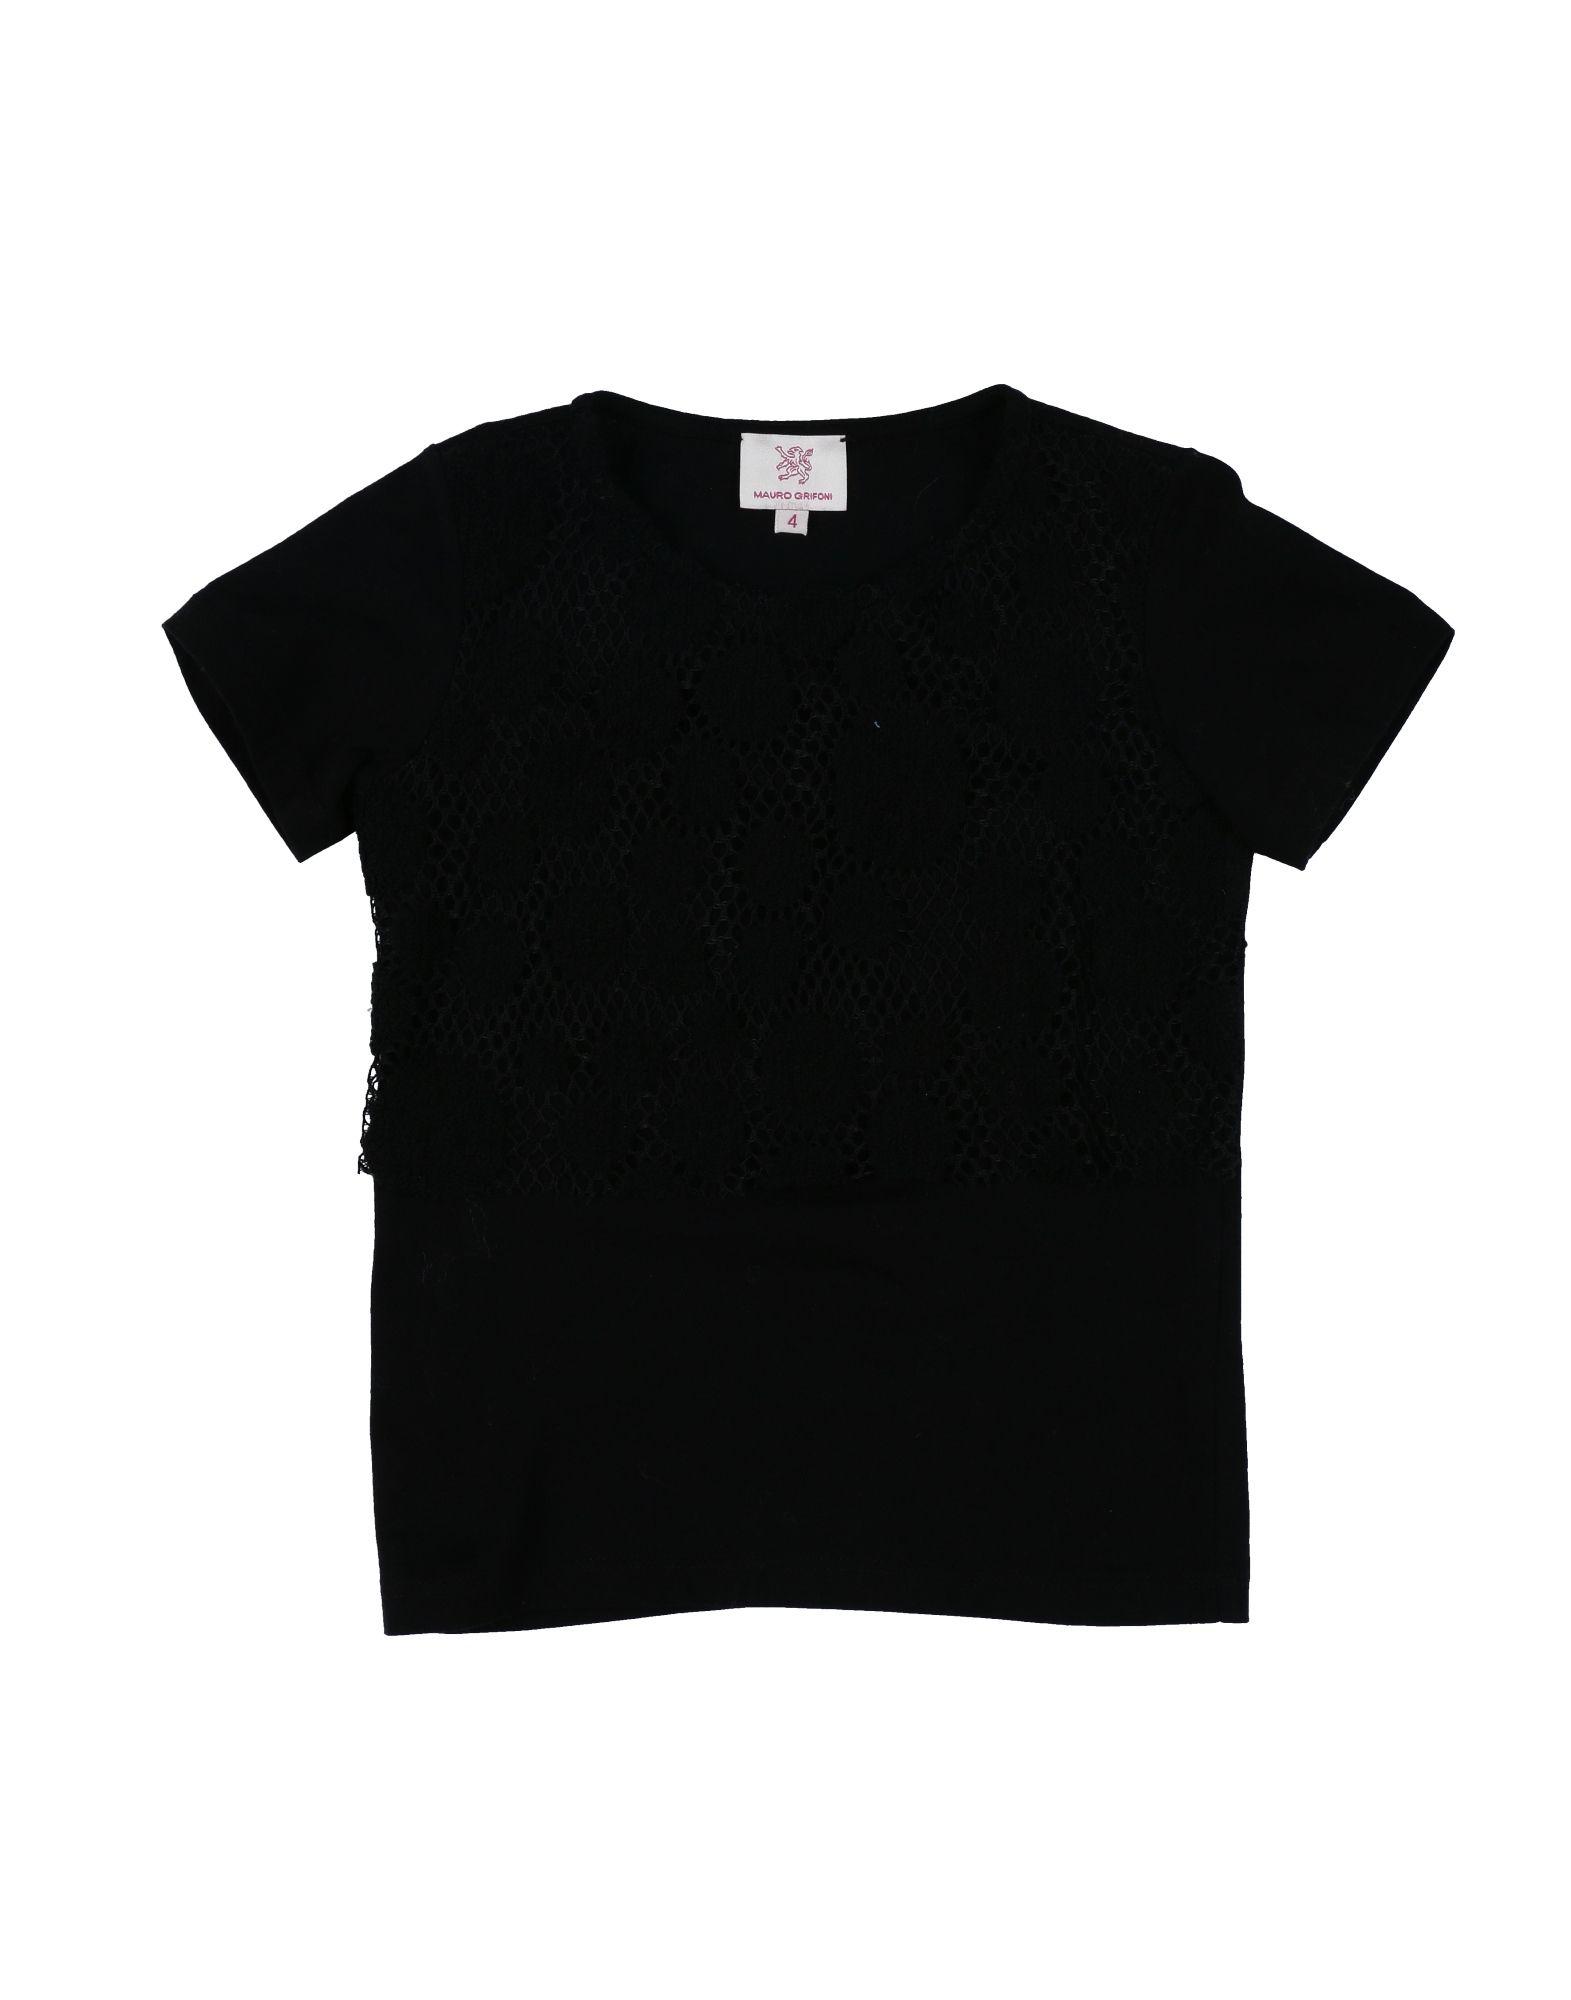 MAURO GRIFONI KIDS Mädchen 3-8 jahre T-shirts Farbe Schwarz Größe 2